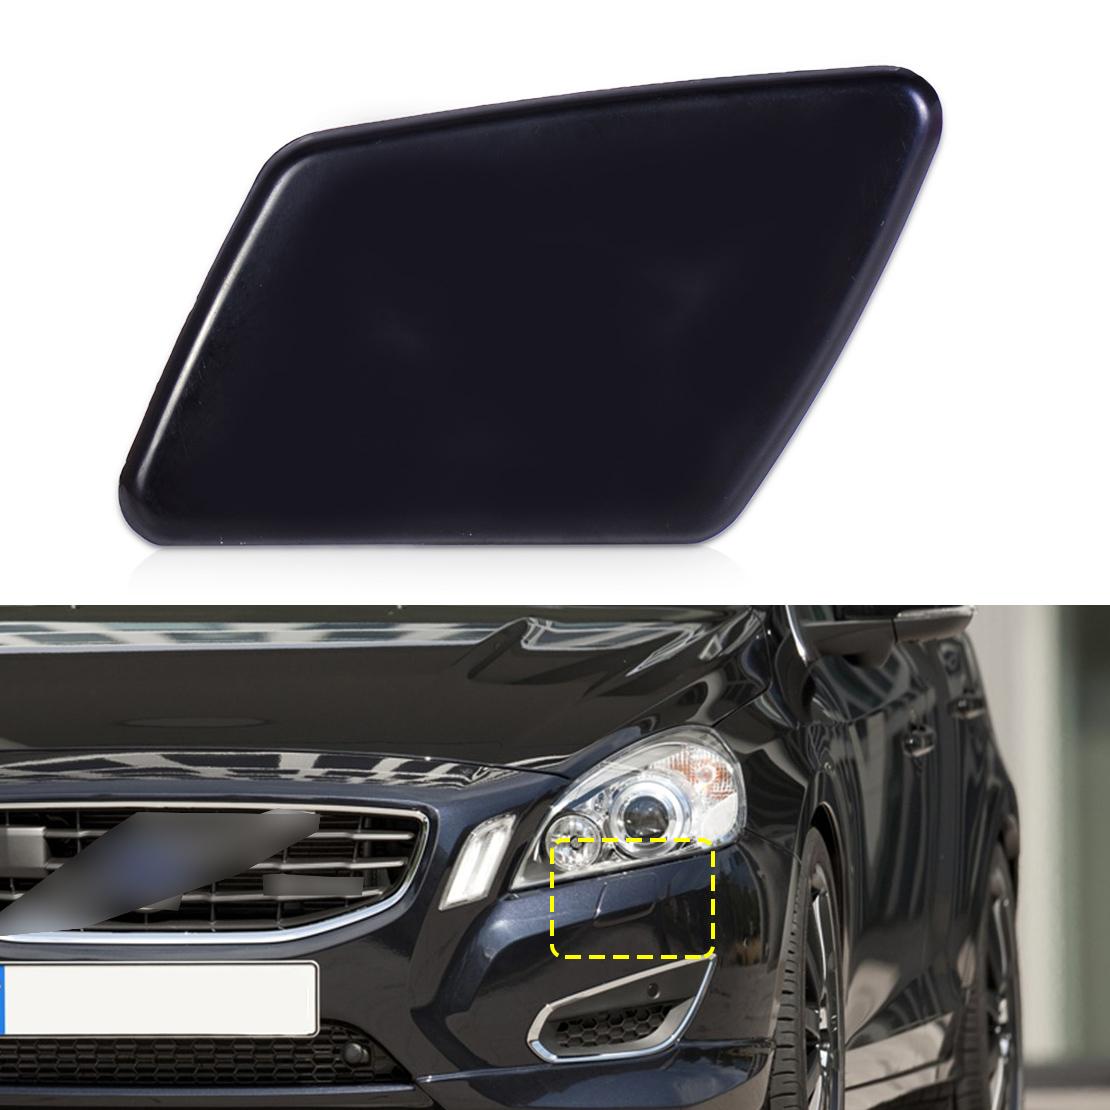 [해외]자동차 블랙 플라스틱 앞 좌측 범퍼 헤드 라이트 와셔 제트 노즐 커버 캡 39991798 Volvo S40 V50 2005 2006 2007에 적합/Car Black Plastic Front Left Bumper Headlight Washer Jet Nozzle